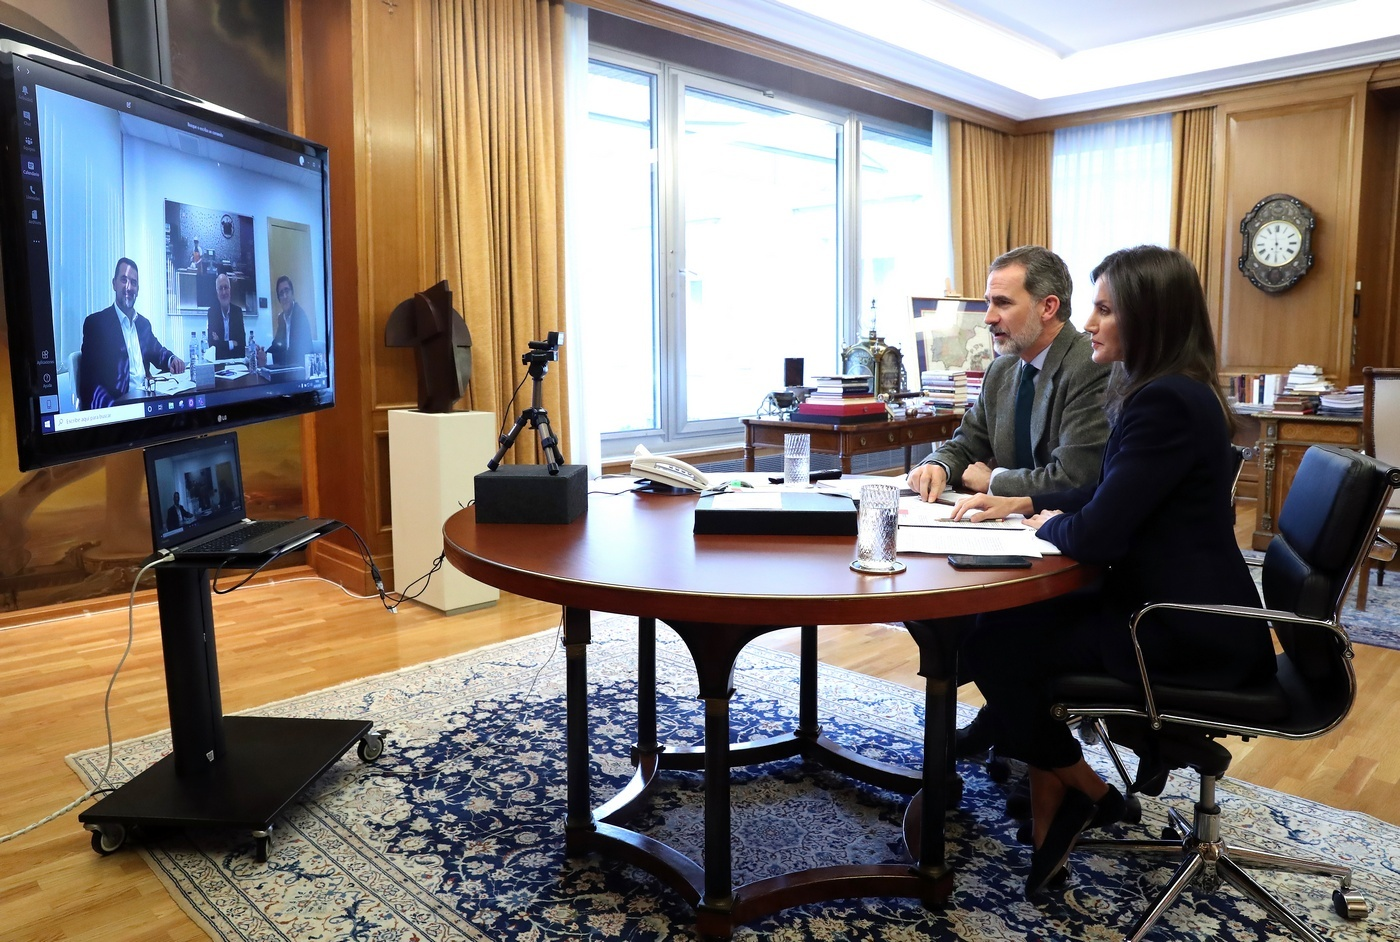 Un momento de la videoconferencia de los Reyes con el presidente de Mercadona, Juan Roig.